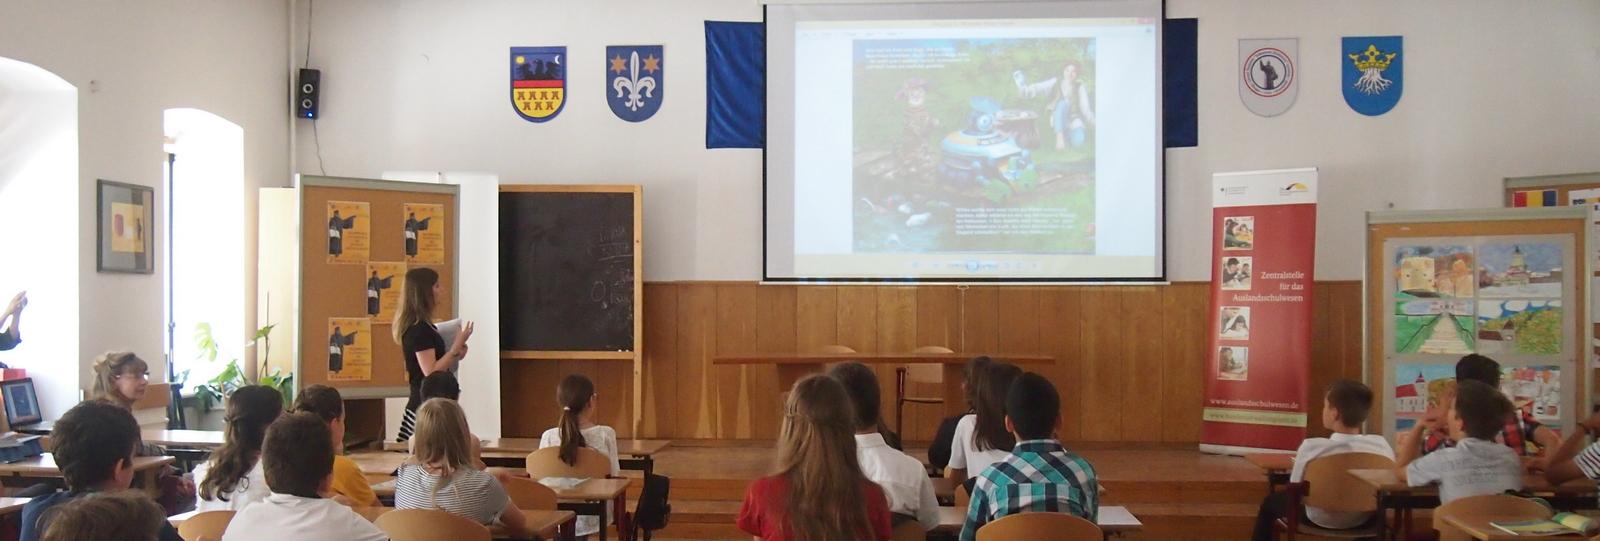 Unterricht in Brasov mit Piwi